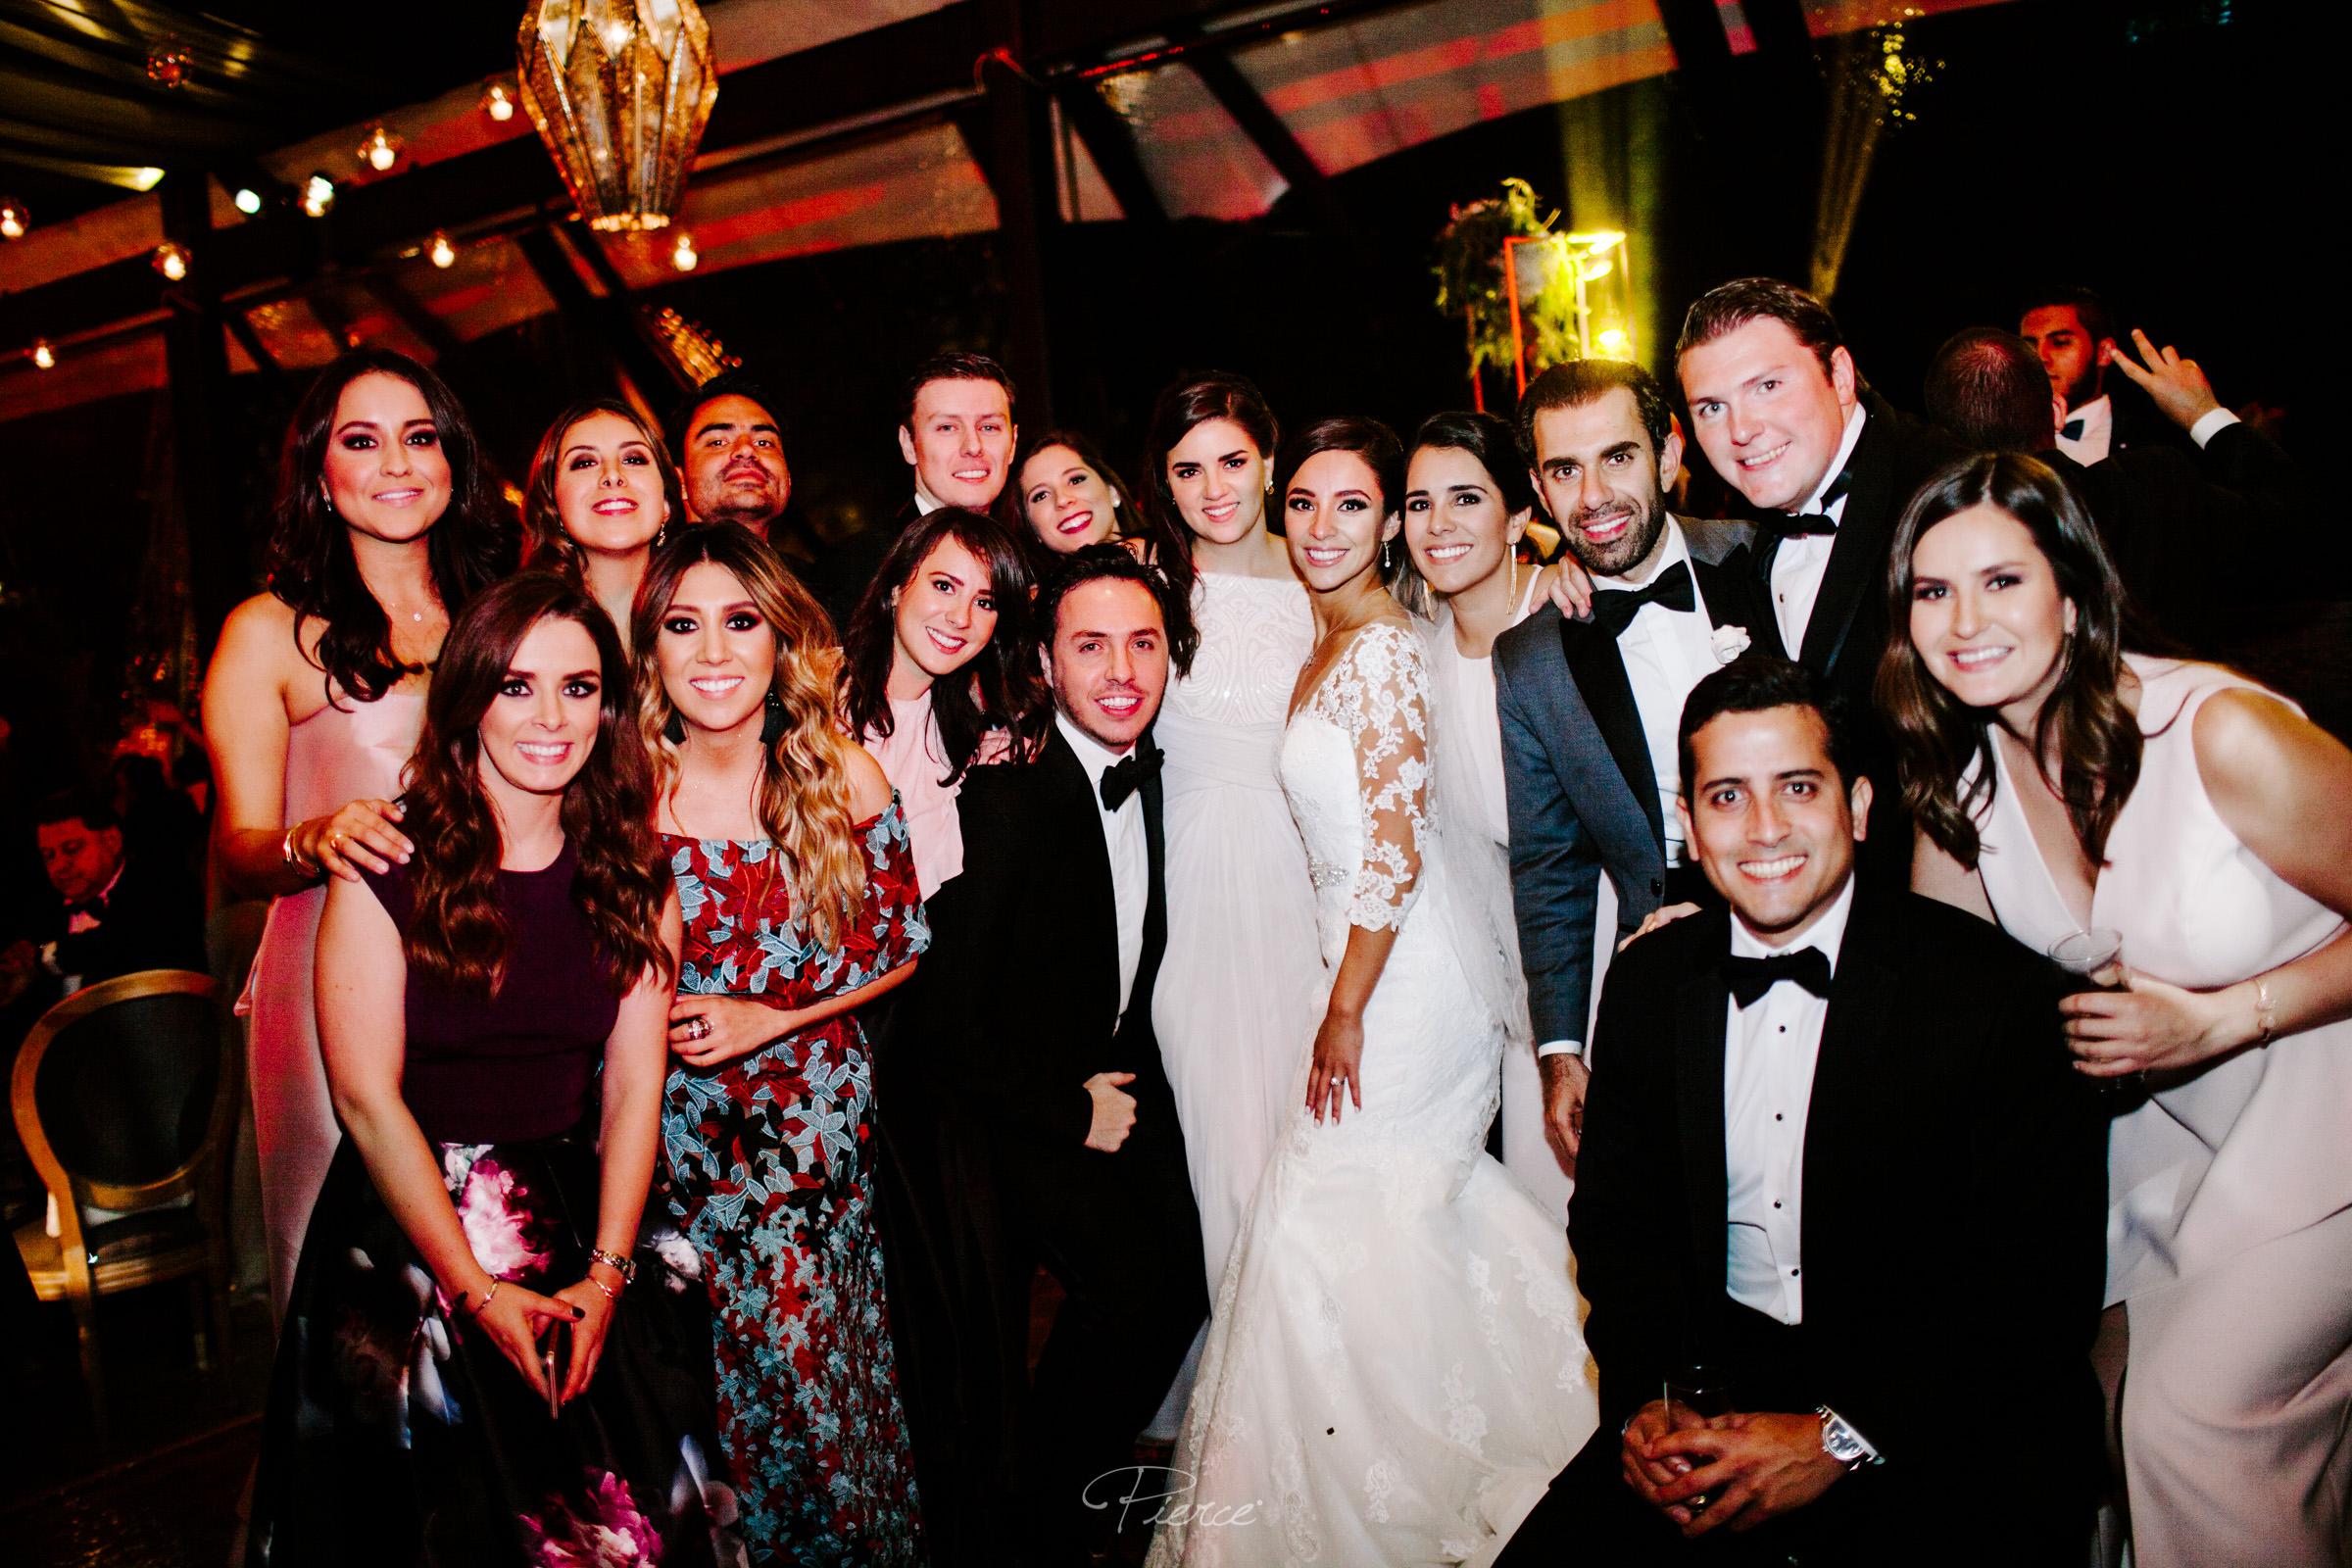 fotografia-de-boda-valle-de-bravo-mexico-rosmarino-pierce-weddings-0205.JPG